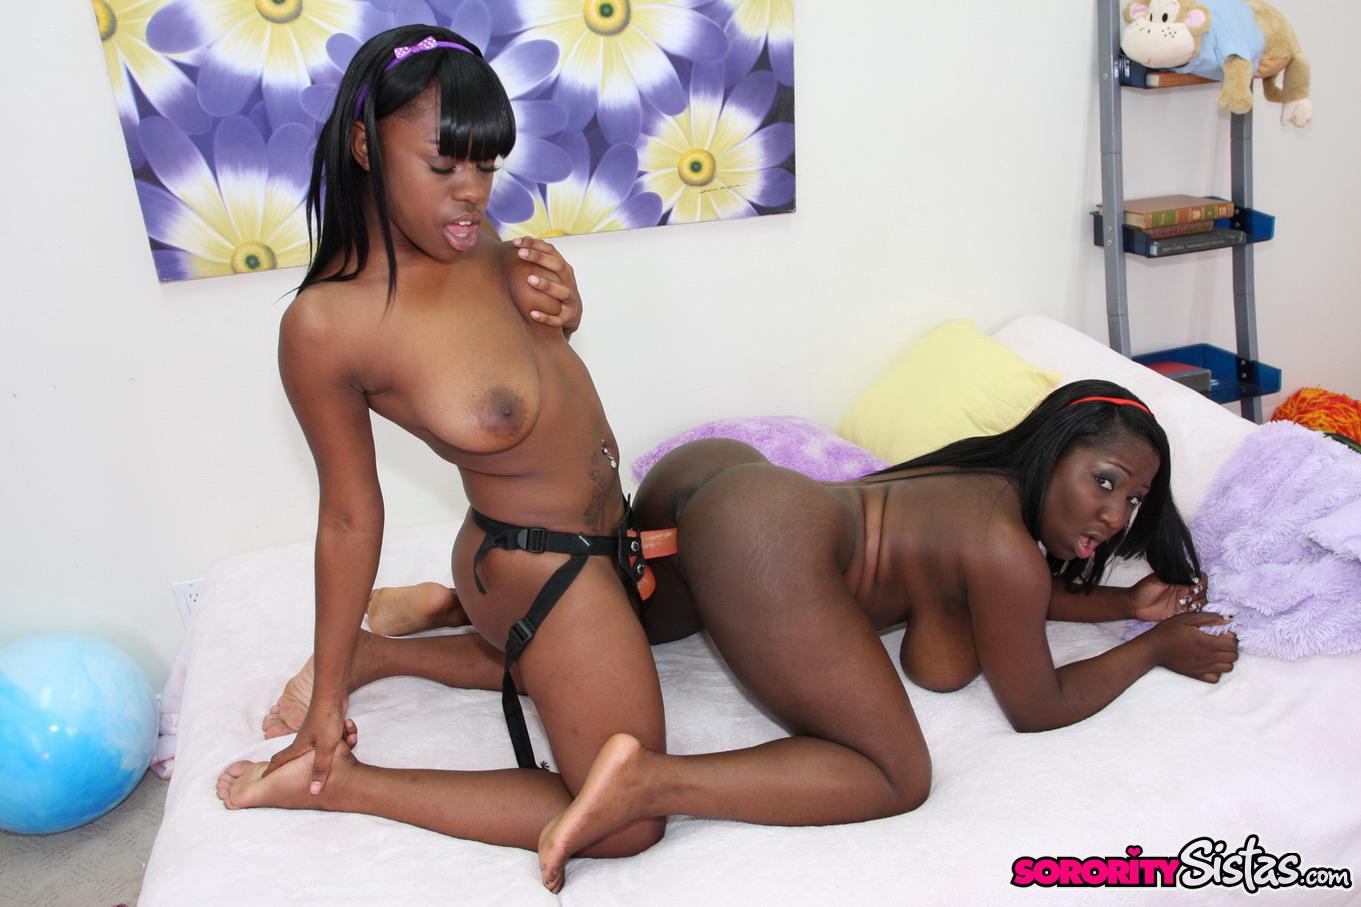 Смотреть бесплатно порно лесбиянки стрампон негритянки 15 фотография